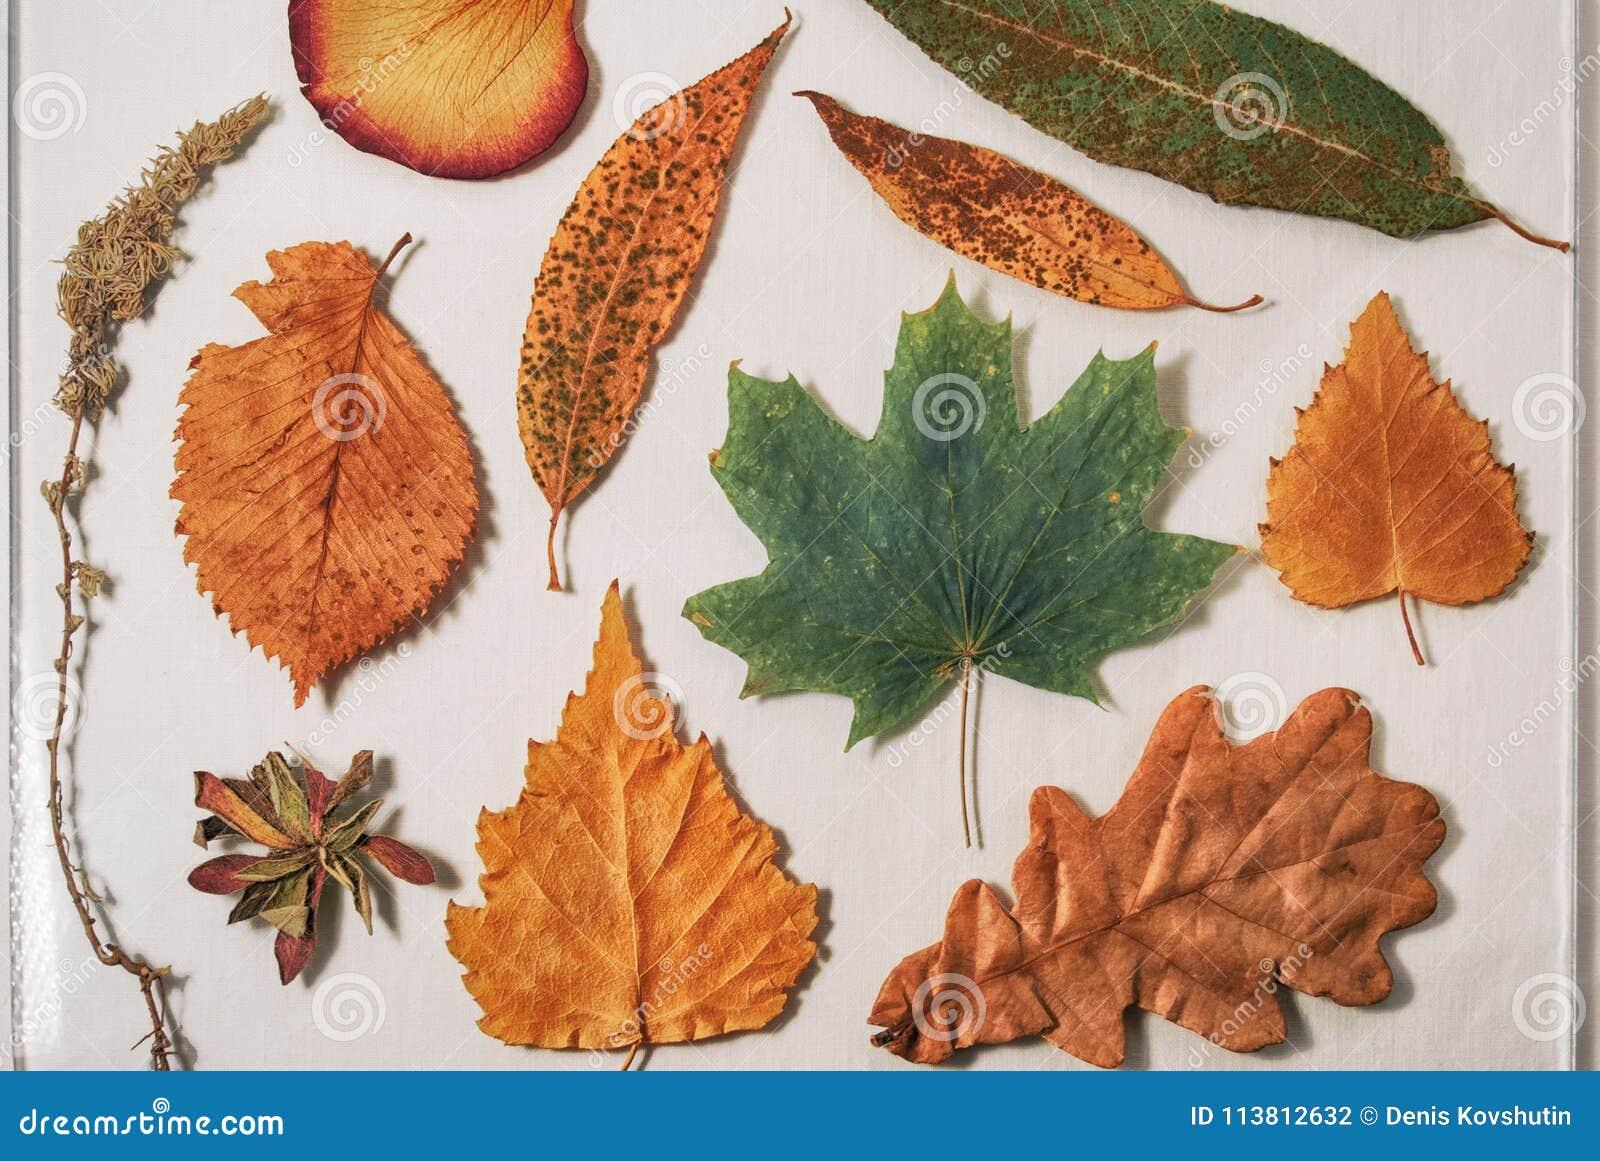 Herbarium von den trockenen Blättern der Eiche, der Birke, des Ahorns, der Weide, der Espe und des Wermuts